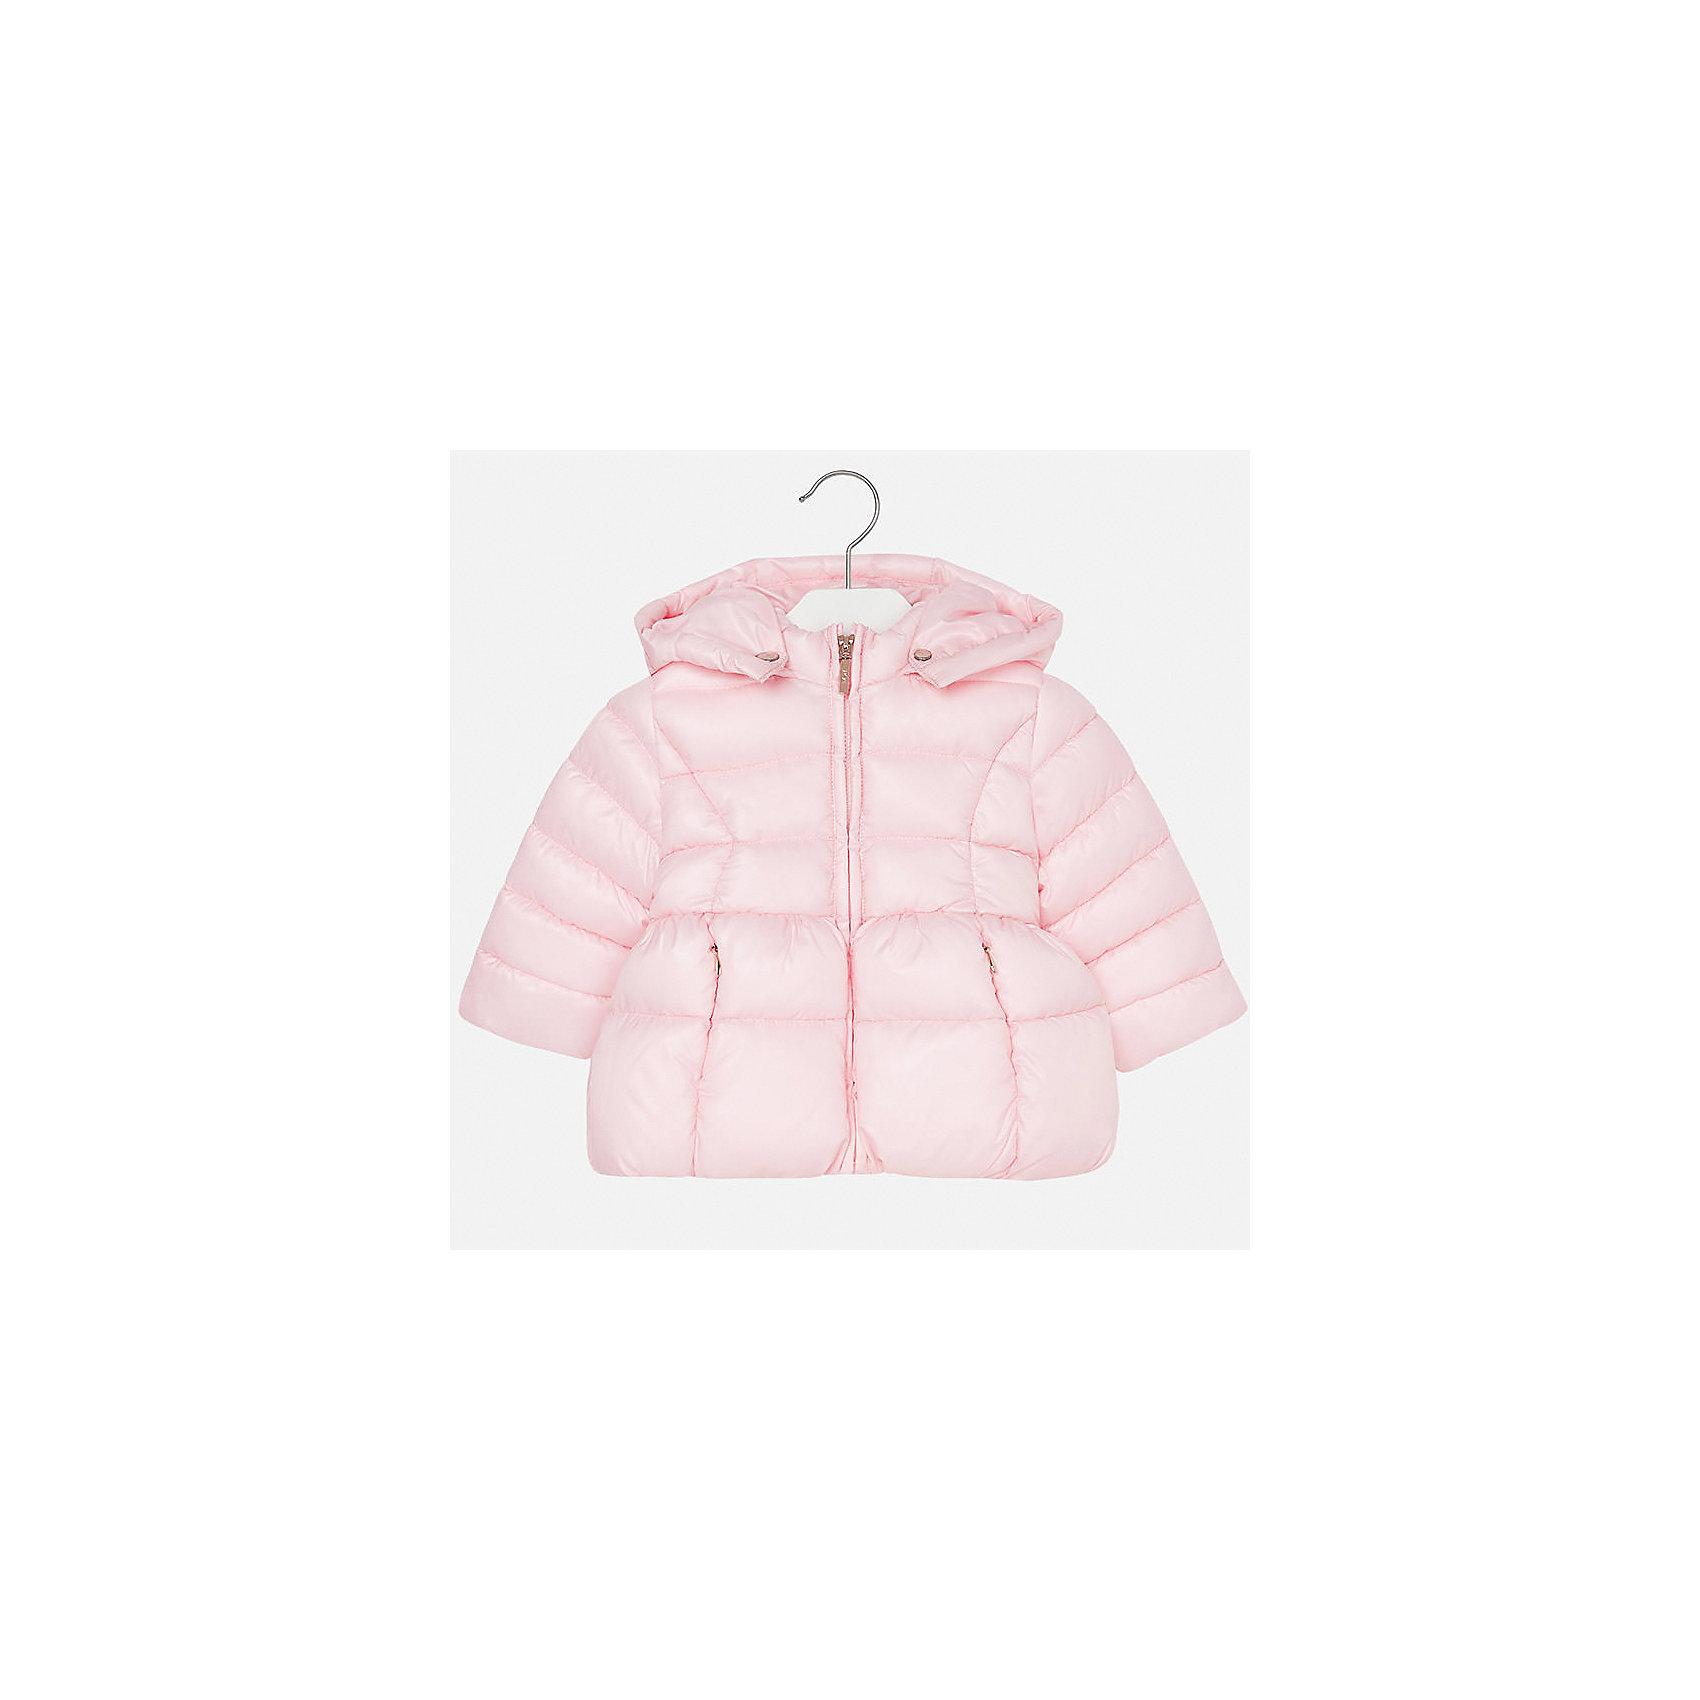 Куртка для девочки MayoralДемисезонные куртки<br>Характеристики товара:<br><br>• цвет: розовый<br>• состав ткани: 100% полиэстер<br>• подкладка: 100% полиэстер<br>• утеплитель: 100% полиэстер<br>• сезон: демисезон<br>• температурный режим: от -10 до +10<br>• особенности куртки: дутая, с капюшоном<br>• капюшон: съемный, с рюшами<br>• застежка: молния<br>• страна бренда: Испания<br>• страна изготовитель: Индия<br><br>Такая утепленная демисезонная детская куртка подойдет для переменной погоды. Отличный способ обеспечить ребенку комфорт - надеть теплую куртку от Mayoral. Детская куртка сшита из легкого материала. Куртка для девочки Mayoral дополнена теплой подкладкой. <br><br>Куртку для девочки Mayoral (Майорал) можно купить в нашем интернет-магазине.<br><br>Ширина мм: 356<br>Глубина мм: 10<br>Высота мм: 245<br>Вес г: 519<br>Цвет: розовый<br>Возраст от месяцев: 24<br>Возраст до месяцев: 36<br>Пол: Женский<br>Возраст: Детский<br>Размер: 98,80,86,92<br>SKU: 6920074